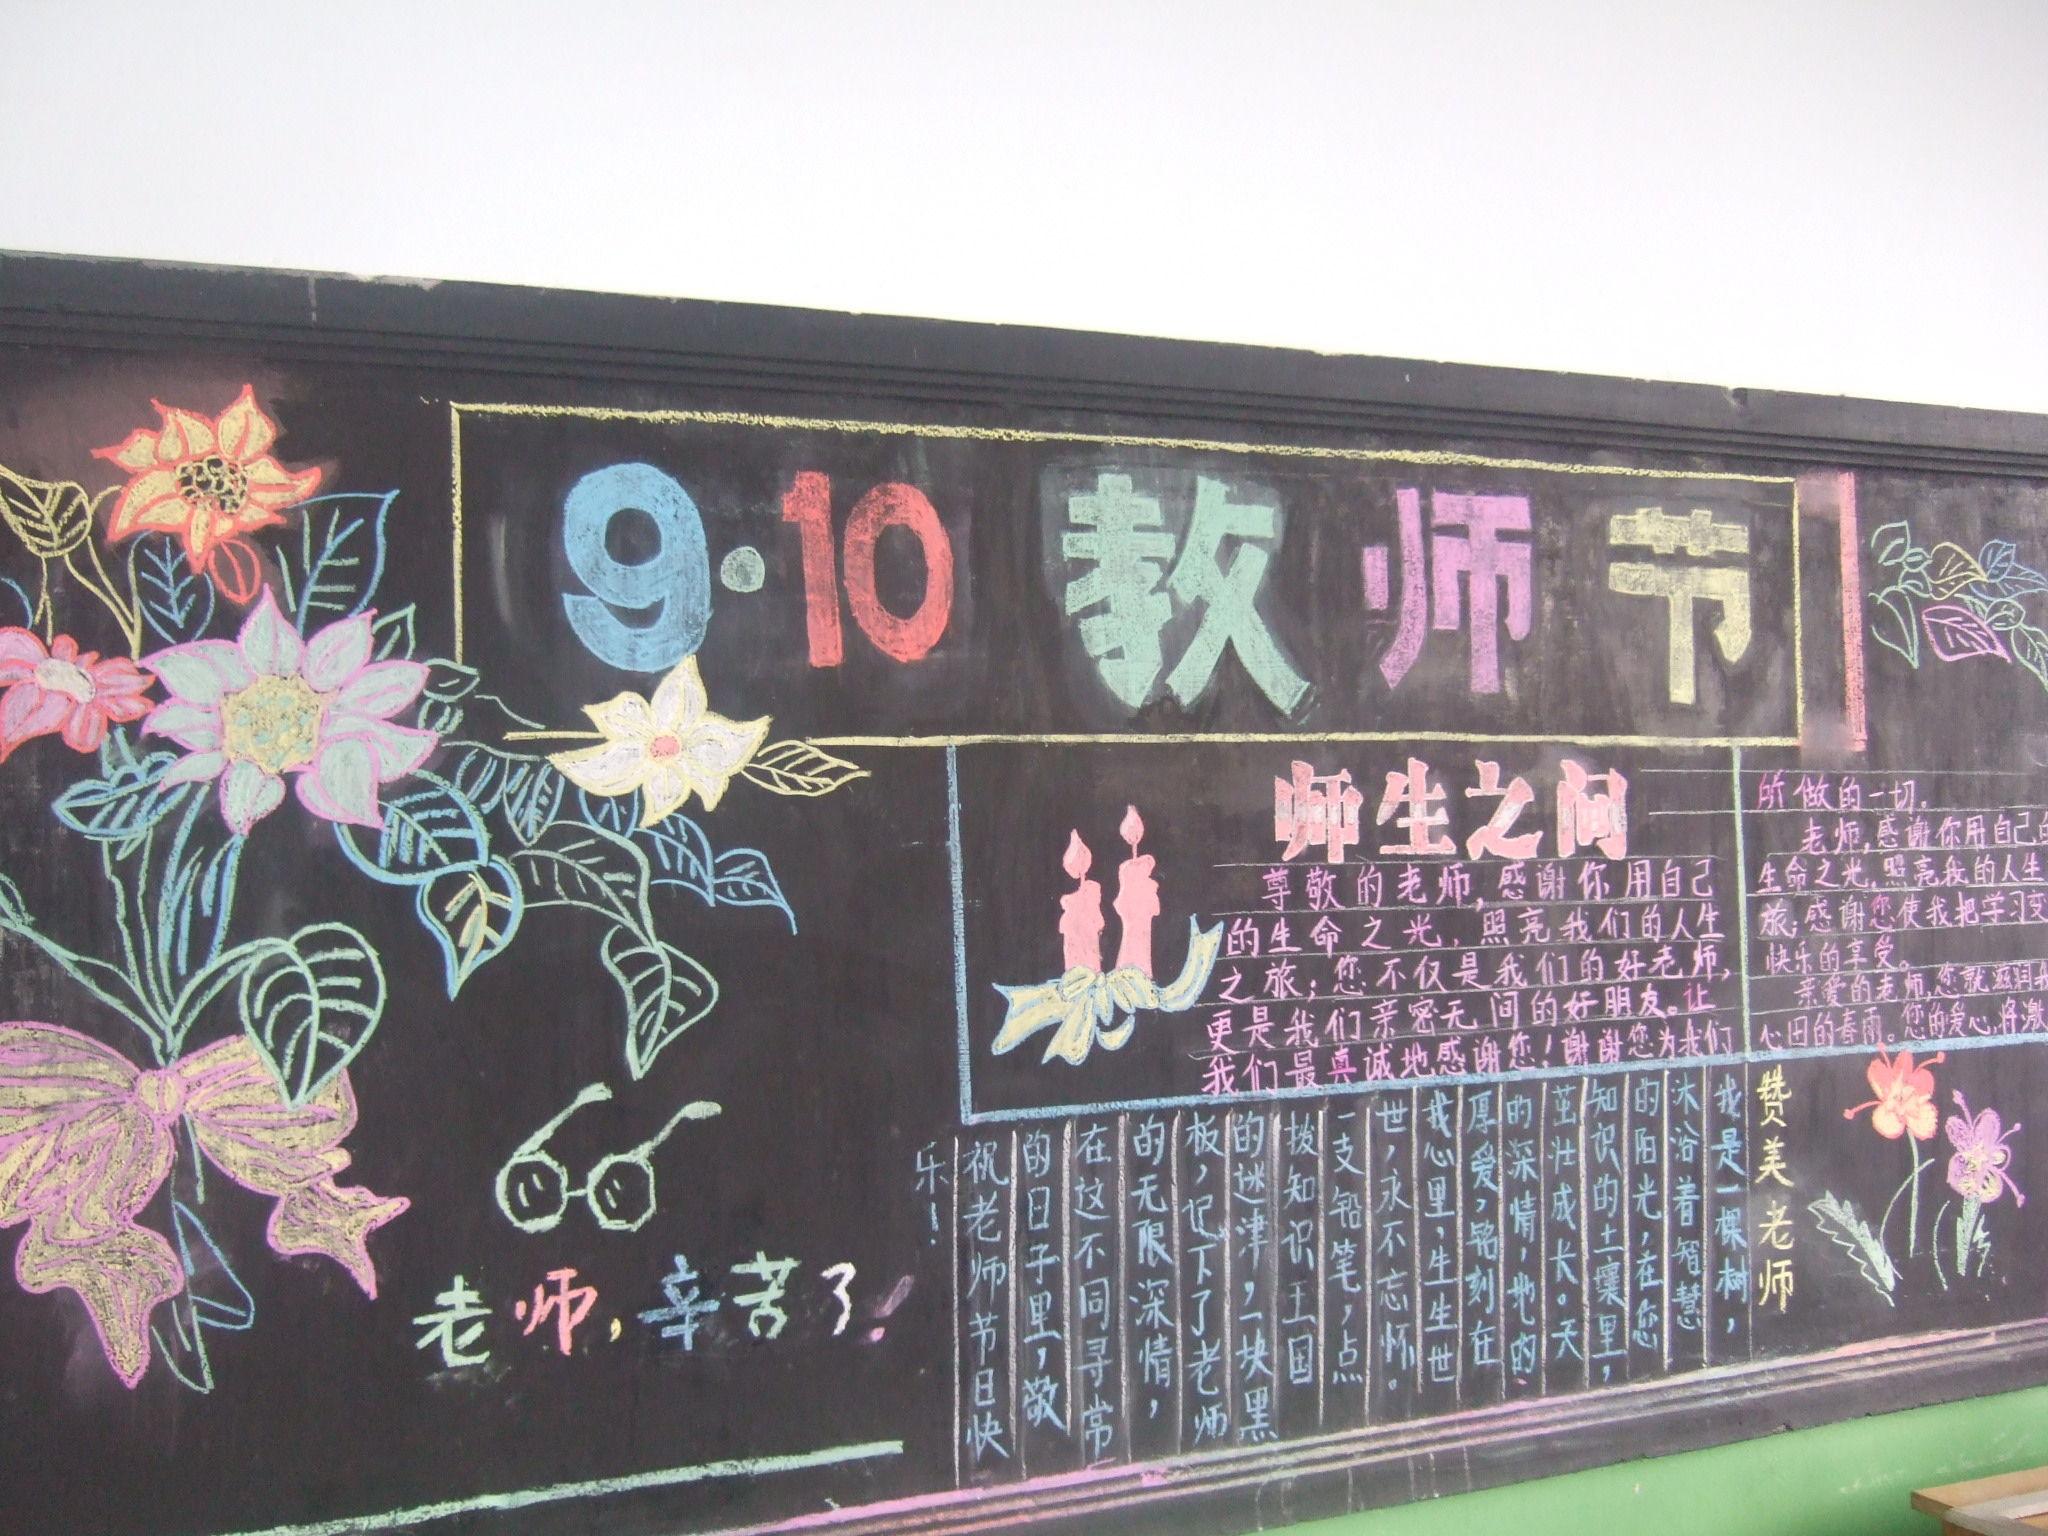 庆祝教师节黑板报图片 9.10教师节图片